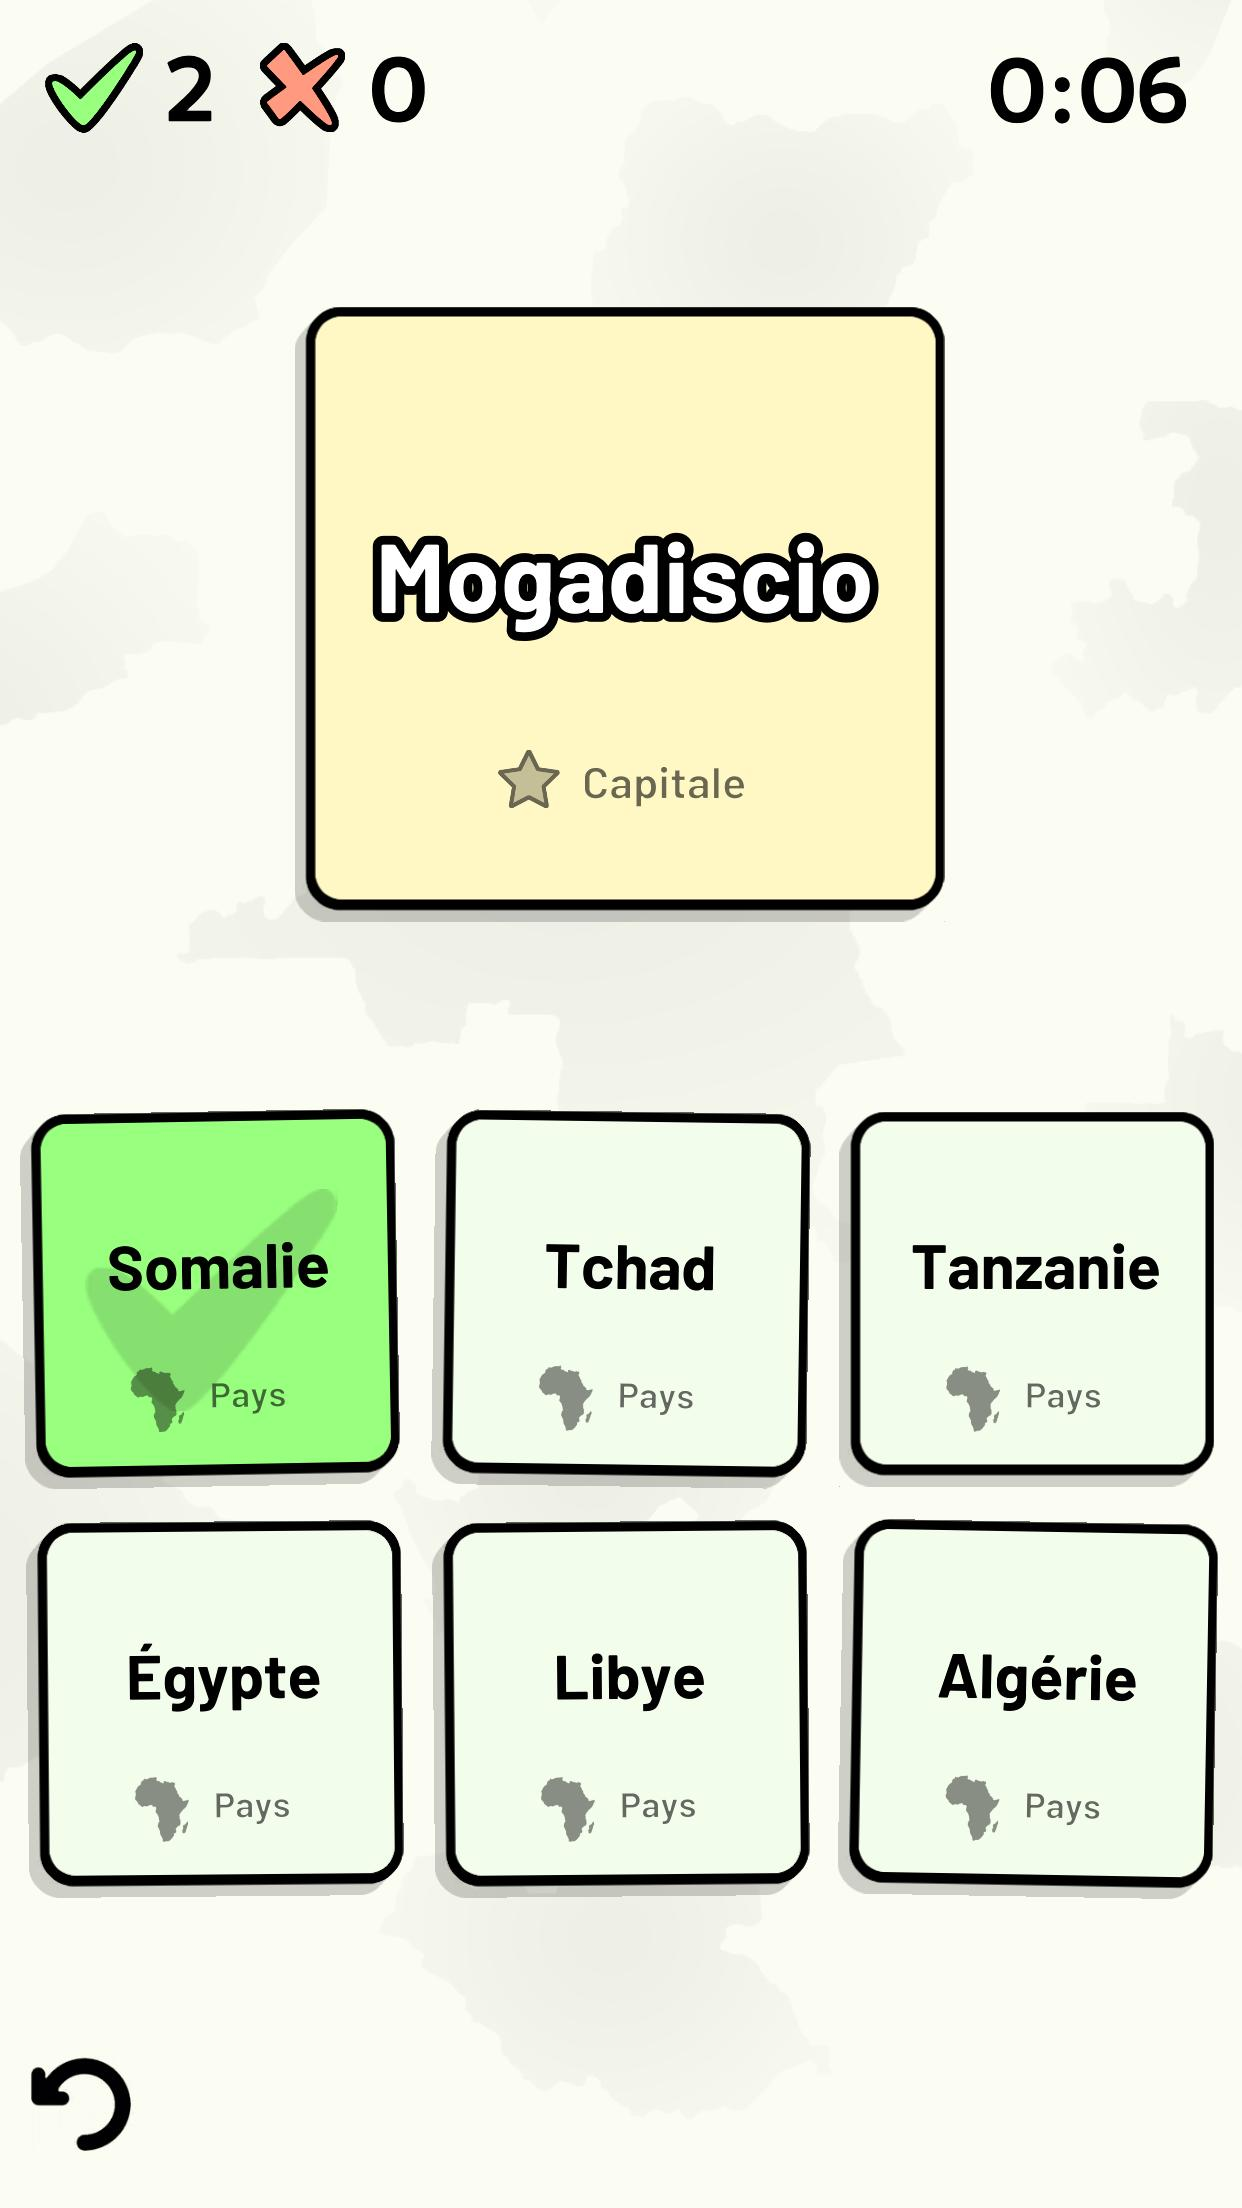 Carte Afrique Quiz.Pays D Afrique Quiz Cartes Capitales Drapeaux Pour